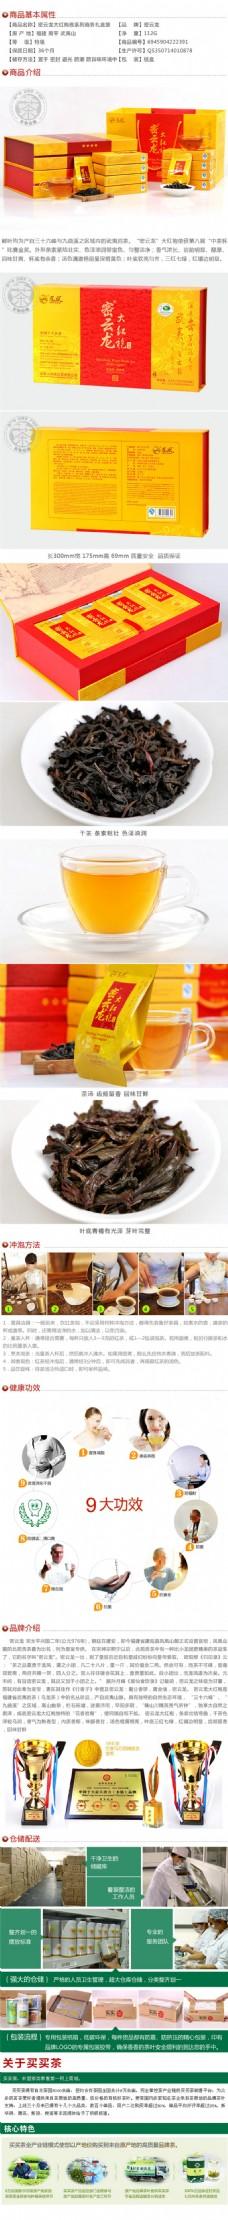 淘宝电商食品茶饮详情页制作